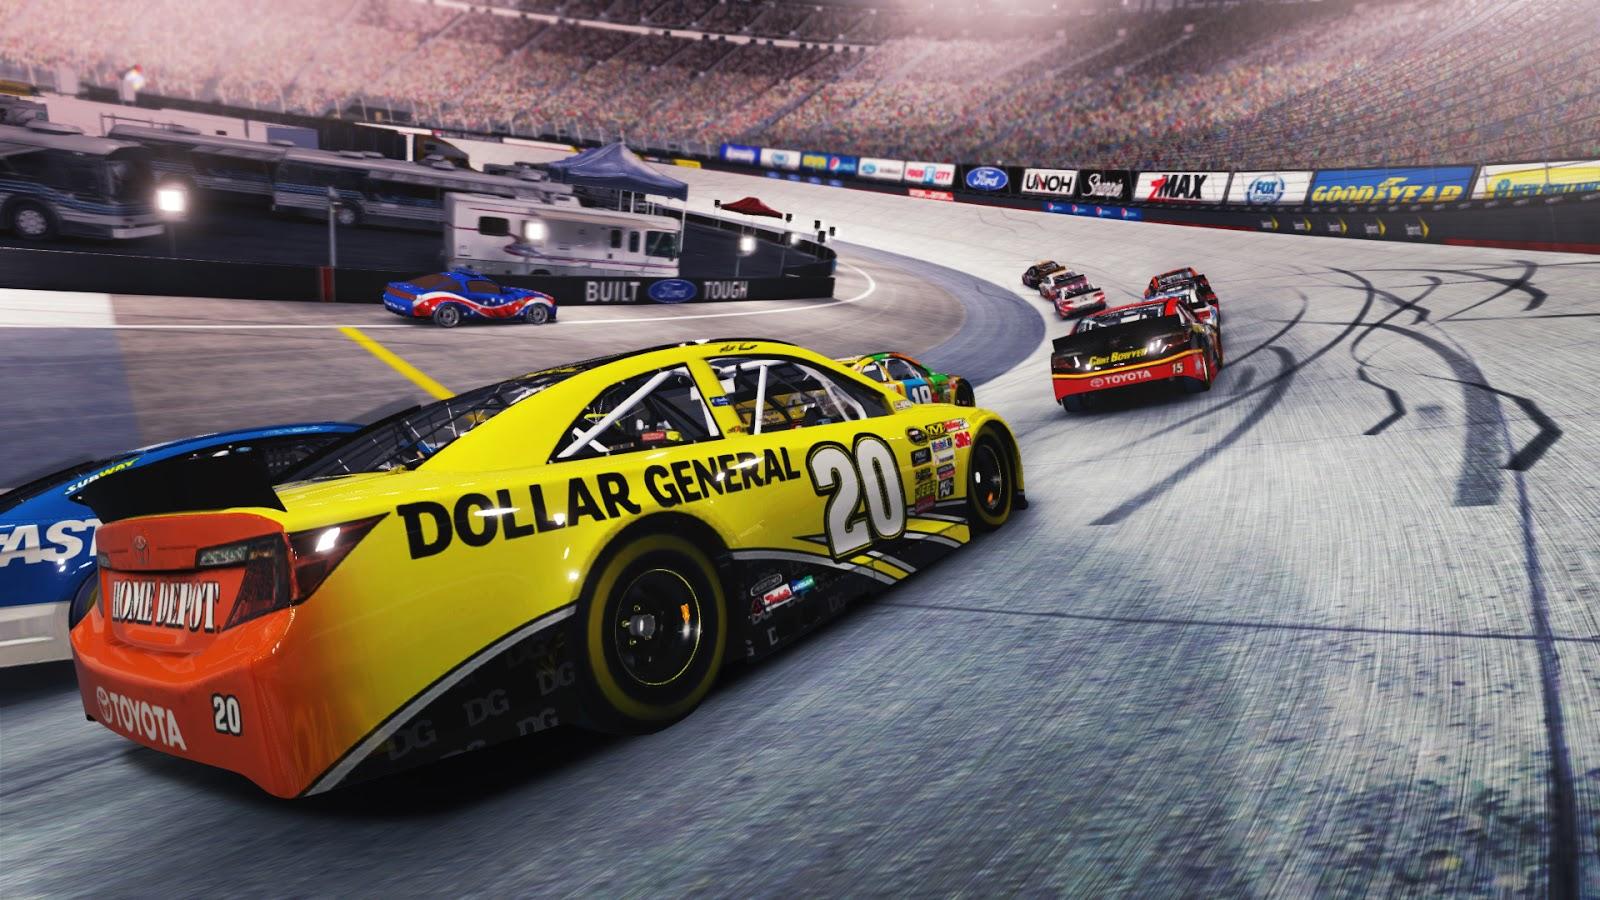 NASCAR'14 Screenshot 1 - Ohgamegratis 2